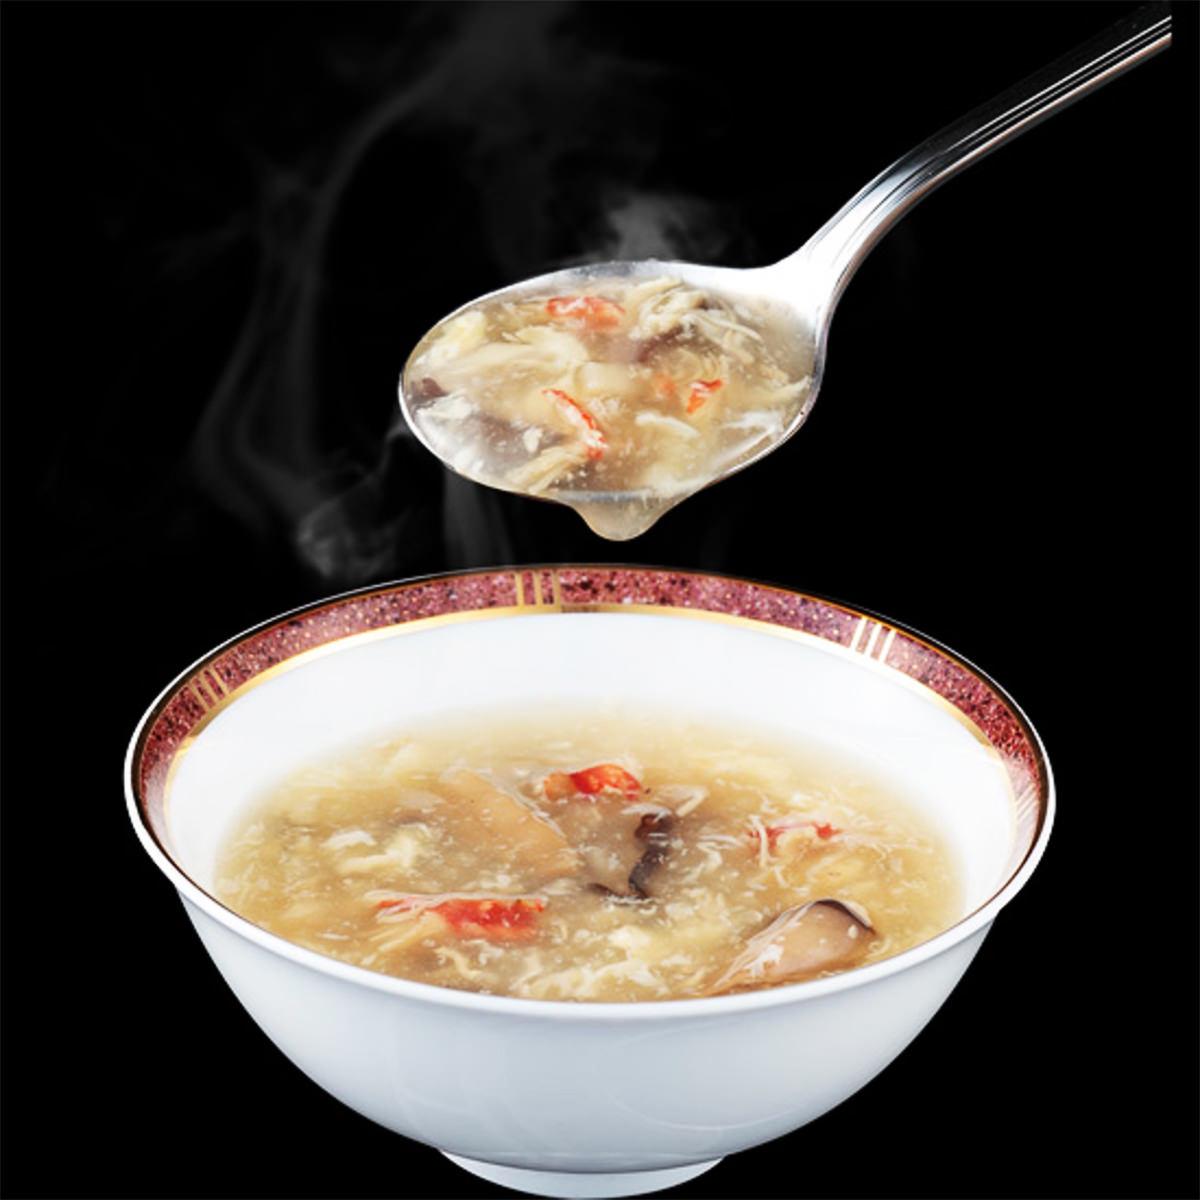 海鮮スープ カニスープ 海洋性コラーゲン配合 ご当地グルメ お取り寄せグルメ 濃縮ずわいがにスープ 2袋入20箱 スープ 惣菜 ずわいがに 70%OFFアウトレット カニ コラーゲン 買い取り 濃厚 簡単 蟹 海鮮 雑炊の素 濃縮タイプ